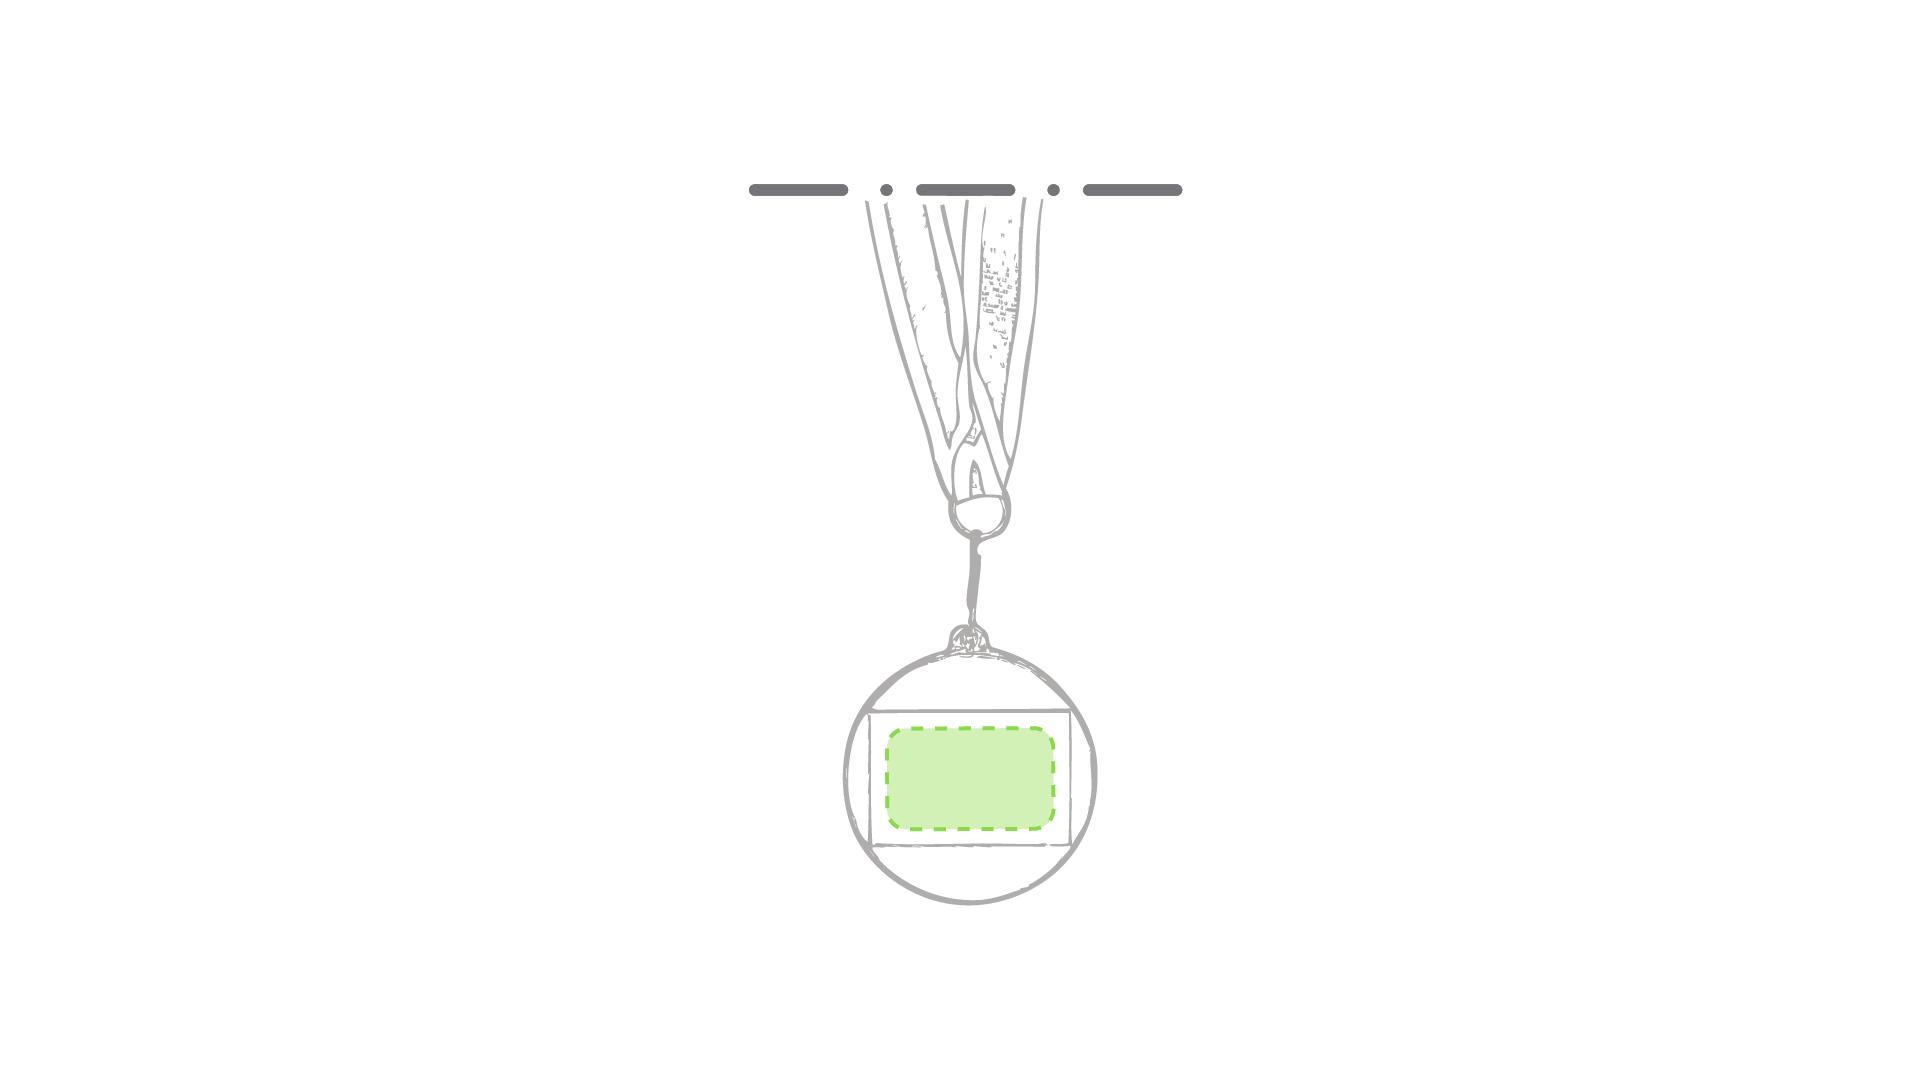 En el reverso de la medalla